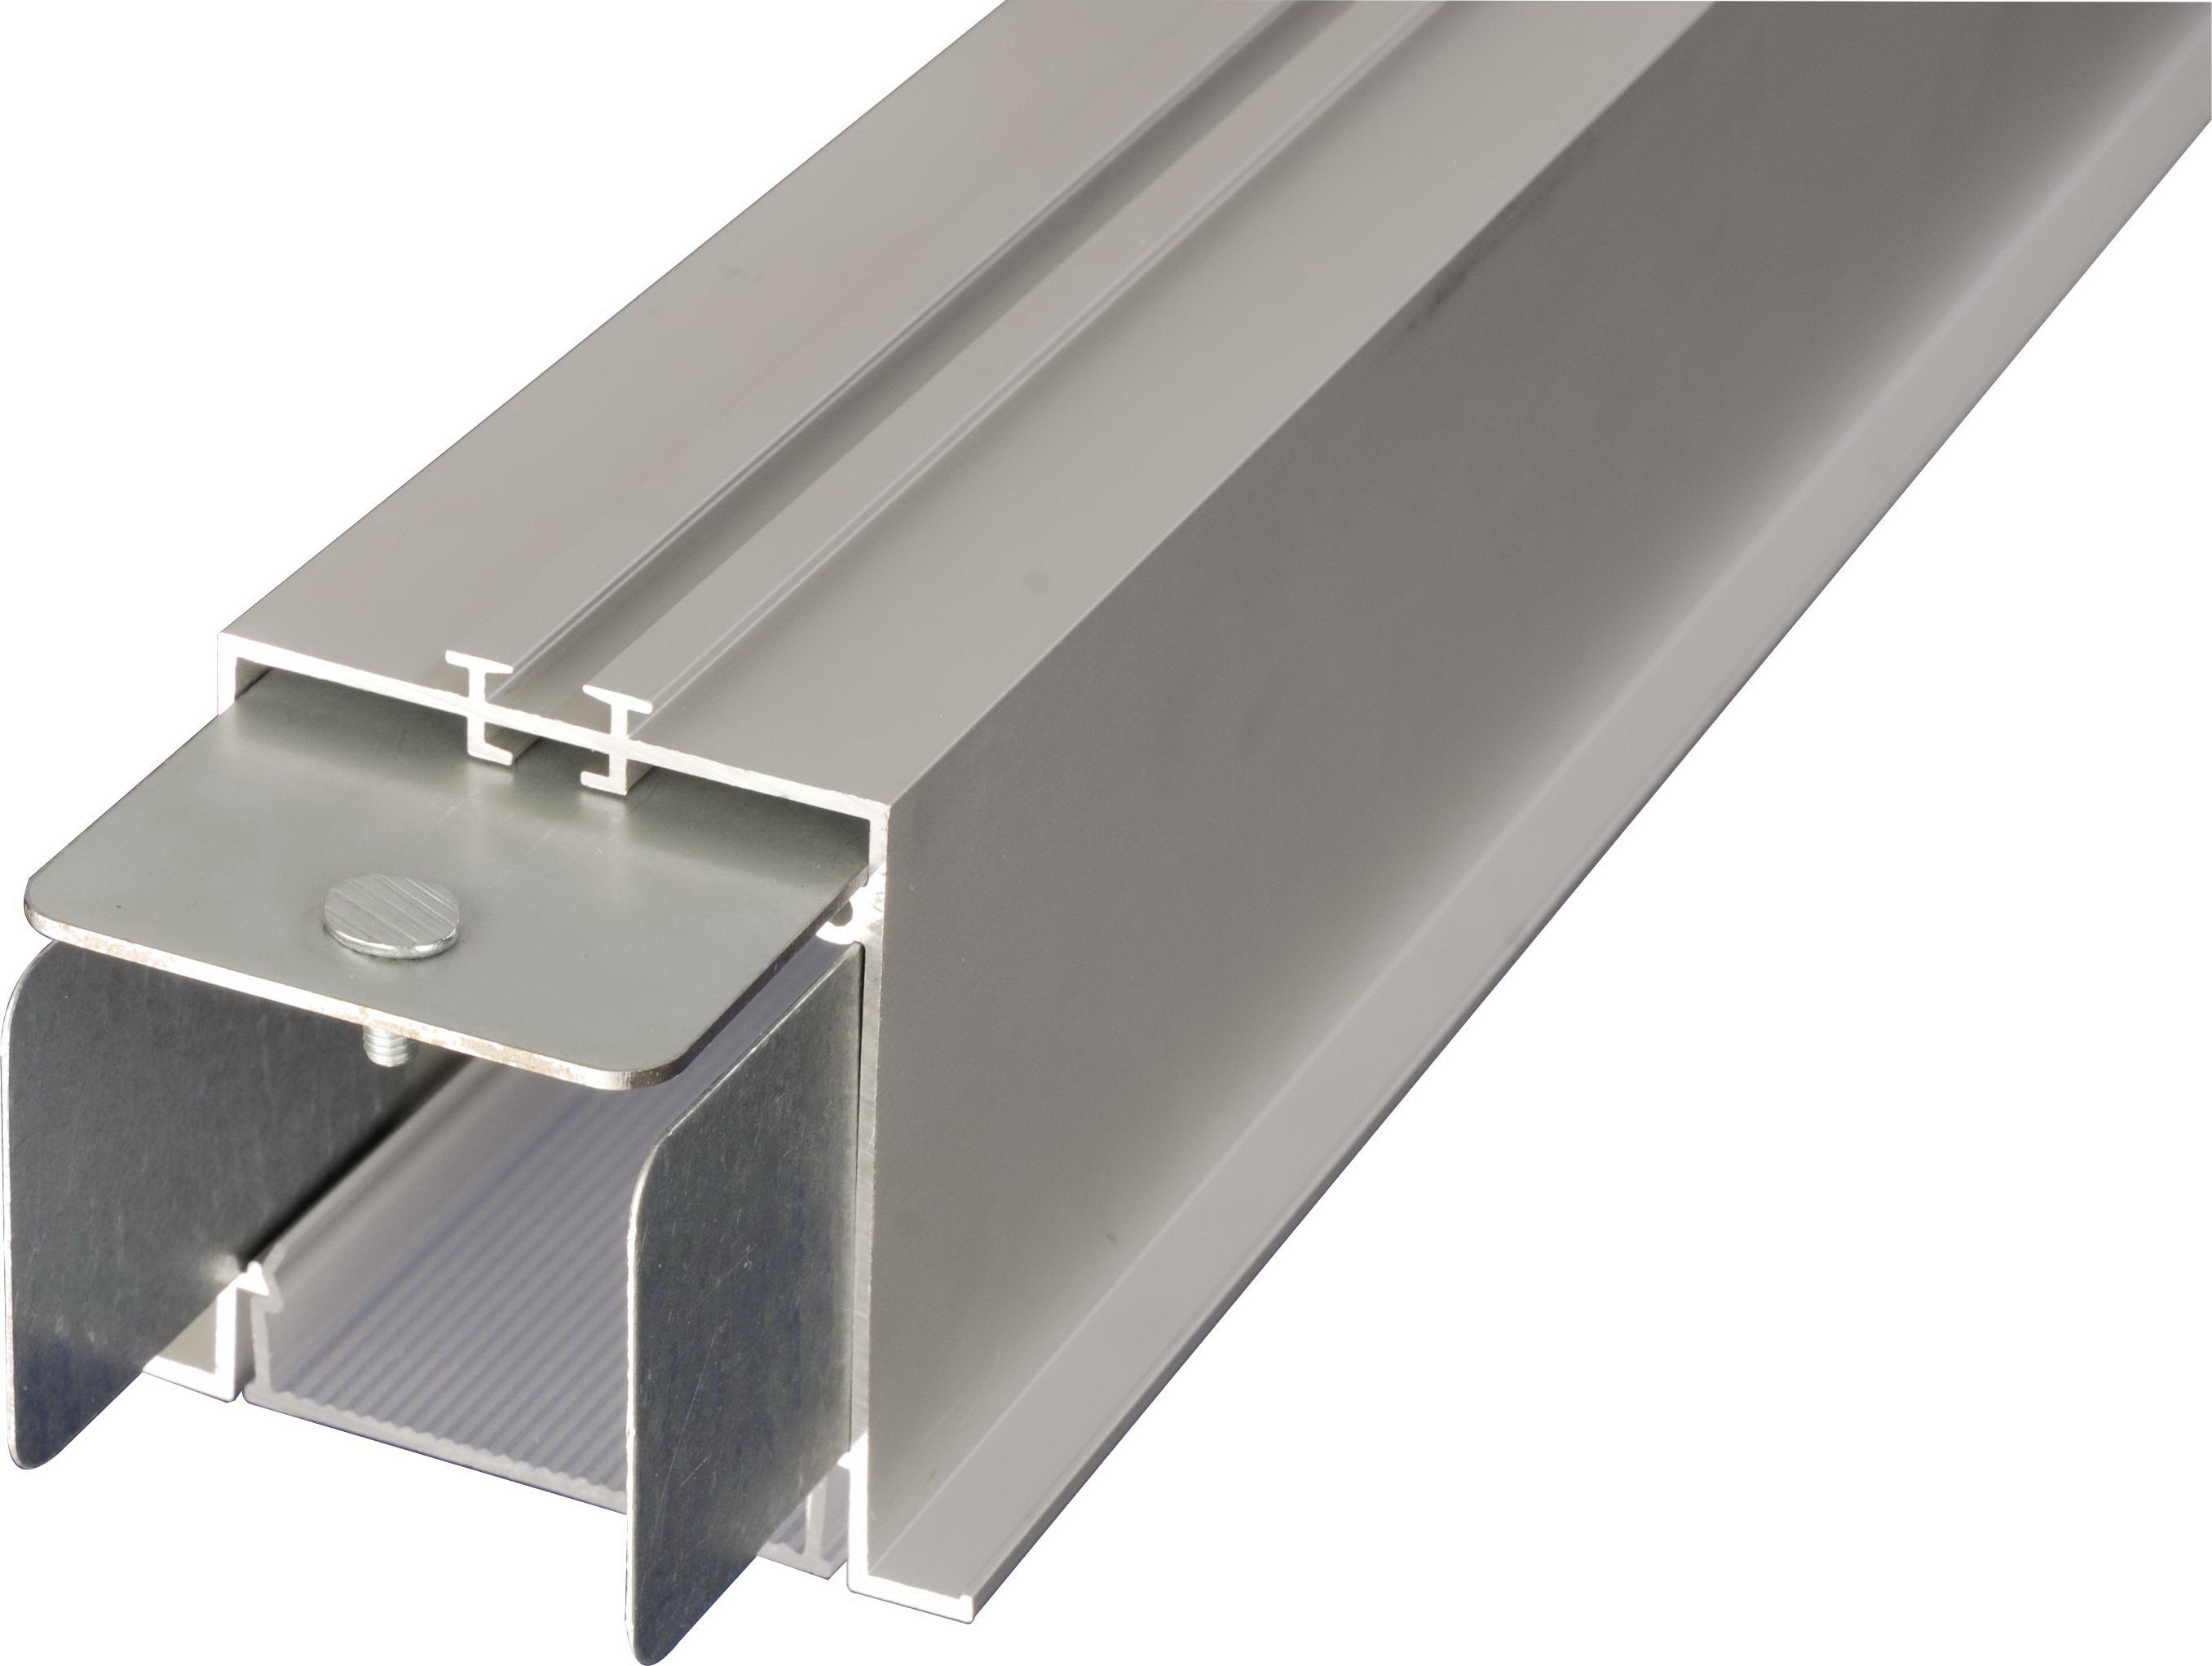 1 Stk Kvadra-R 70M K2 Profilverbinder LI35000035